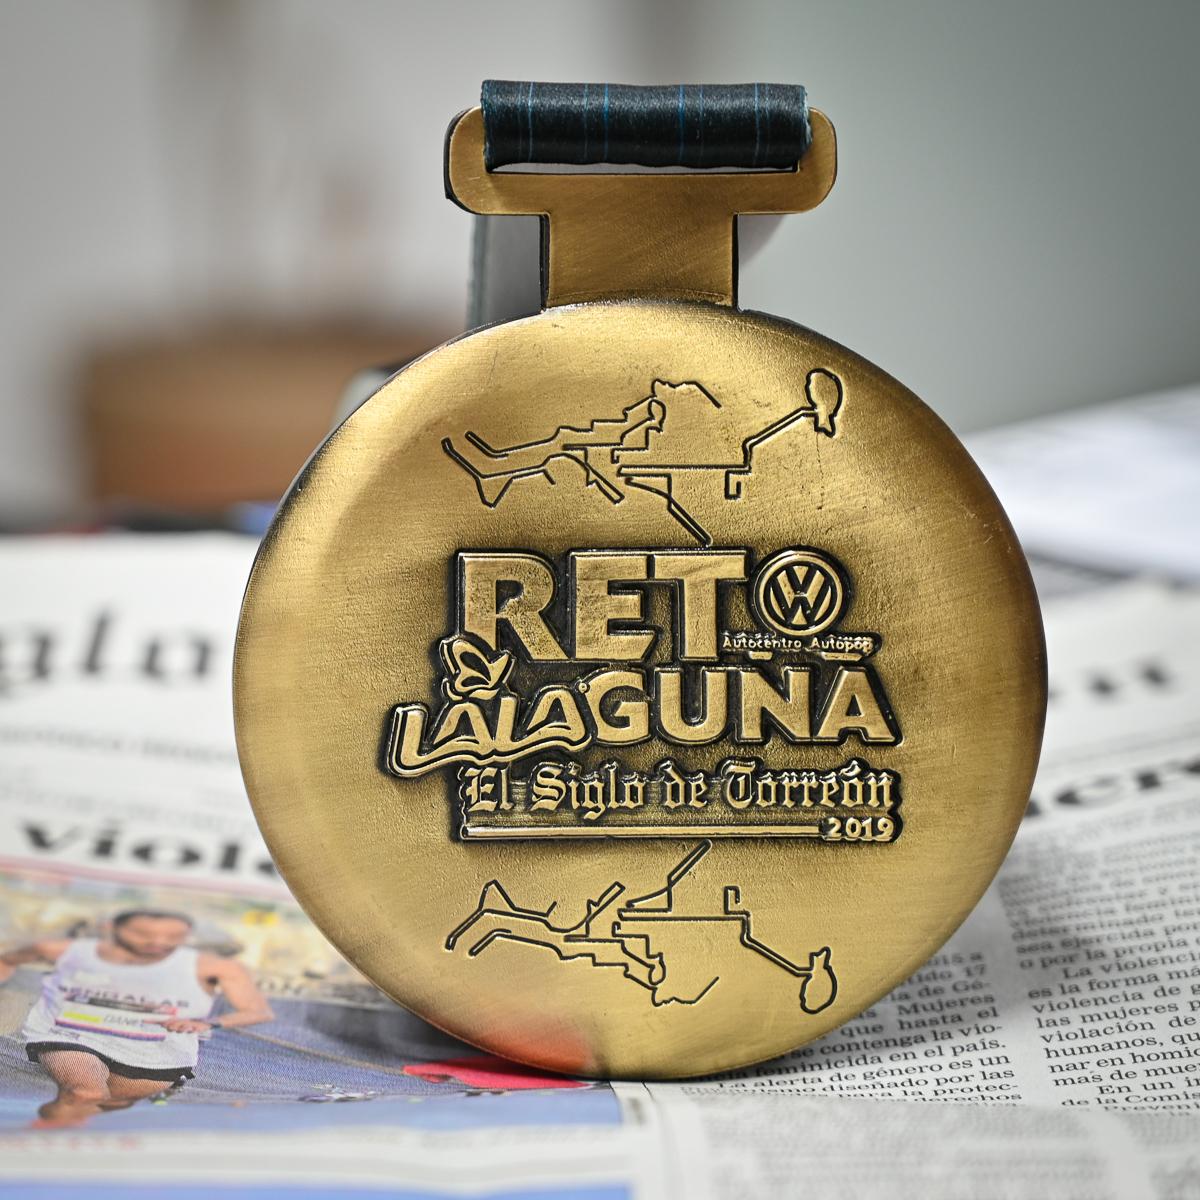 Felicidades a los participantes del Reto Laguna